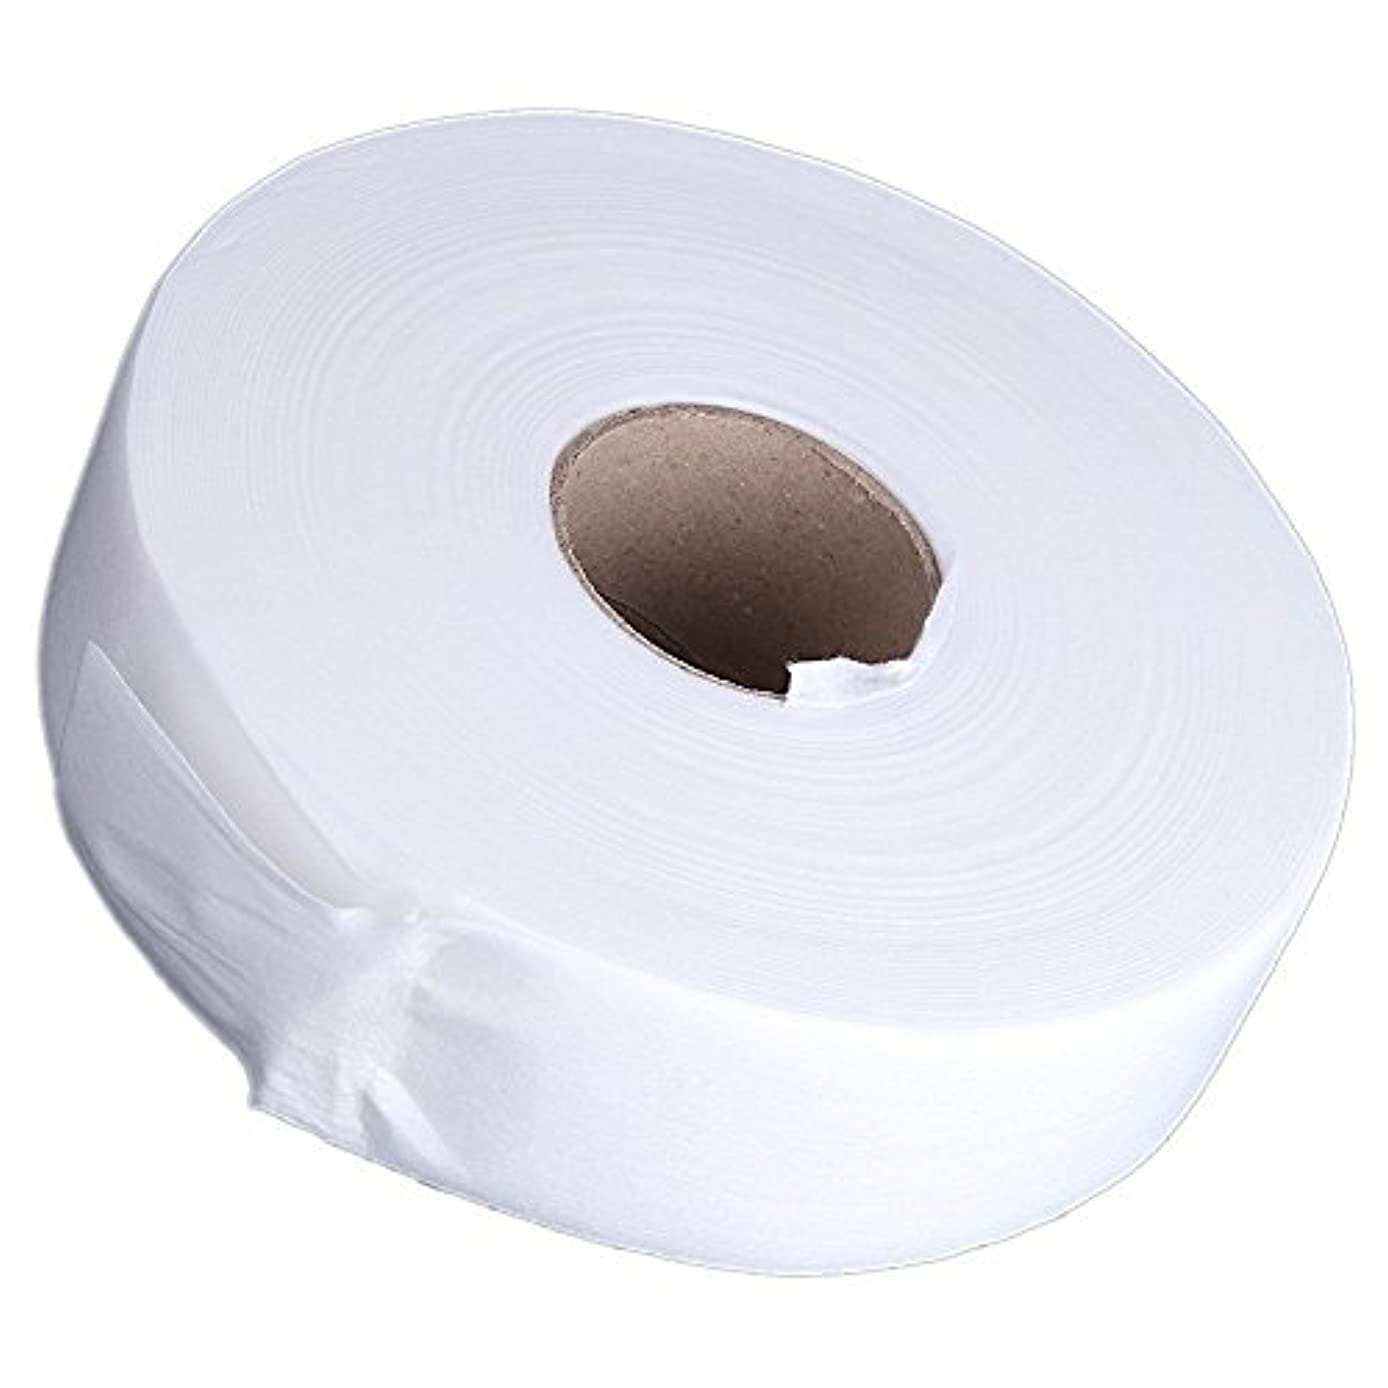 ラブ座るスラムCUHAWUDBA 100ヤードの脱毛紙脱毛ワックスストリップ 不織布ペーパーワックスロール(白)